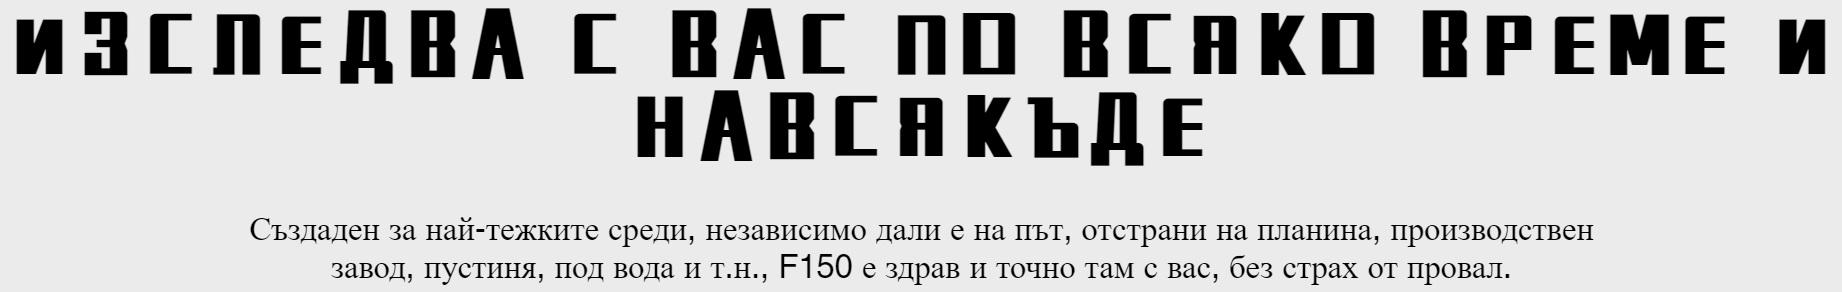 b2021-24.jpg